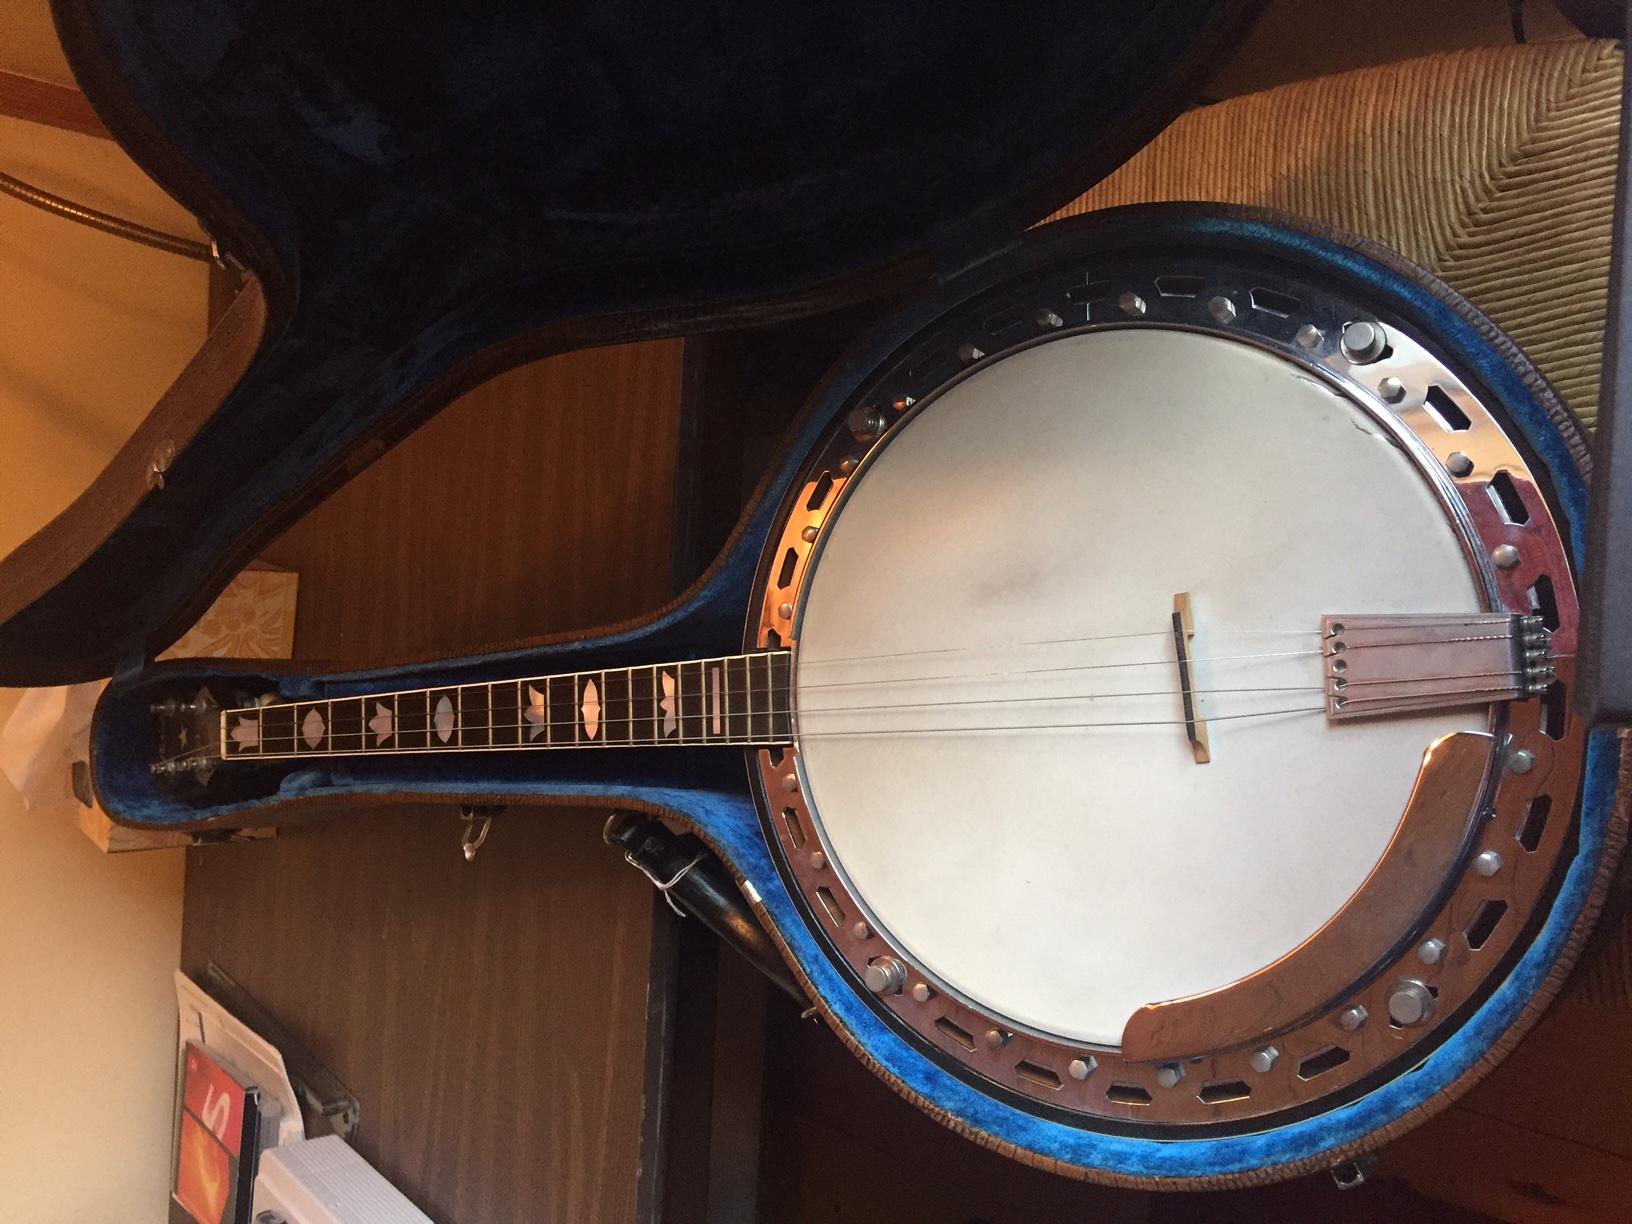 Vega banjo dating